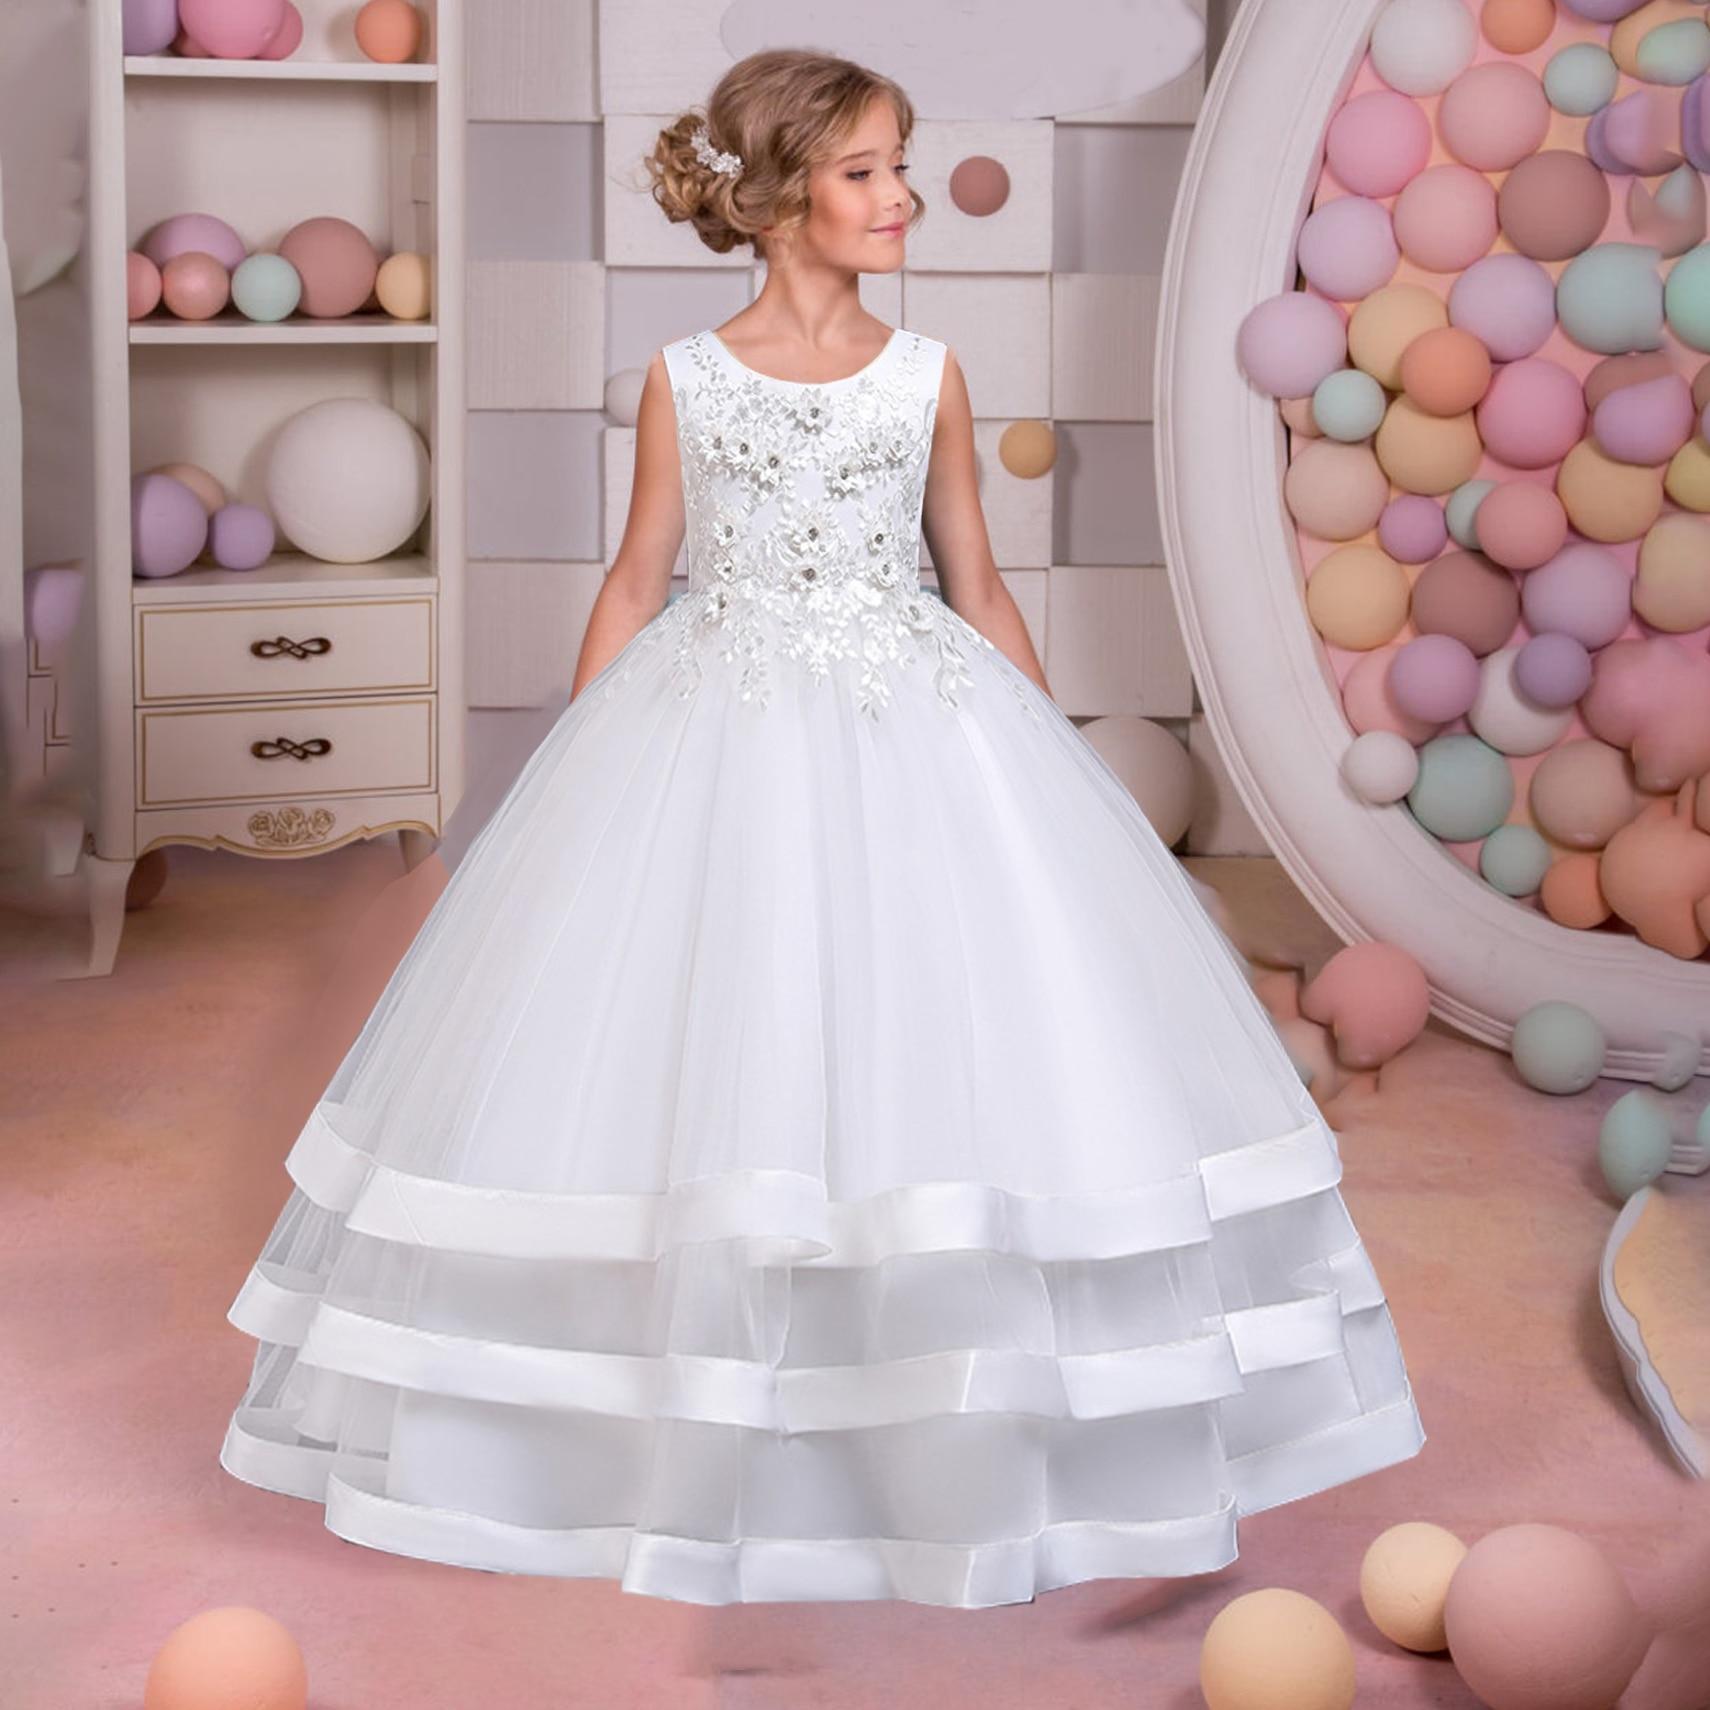 Teen branco dama de honra vestidos da menina flor longo cetim listrado princesa vestido de casamento para a menina noiva traje menina roupas 8 12 y